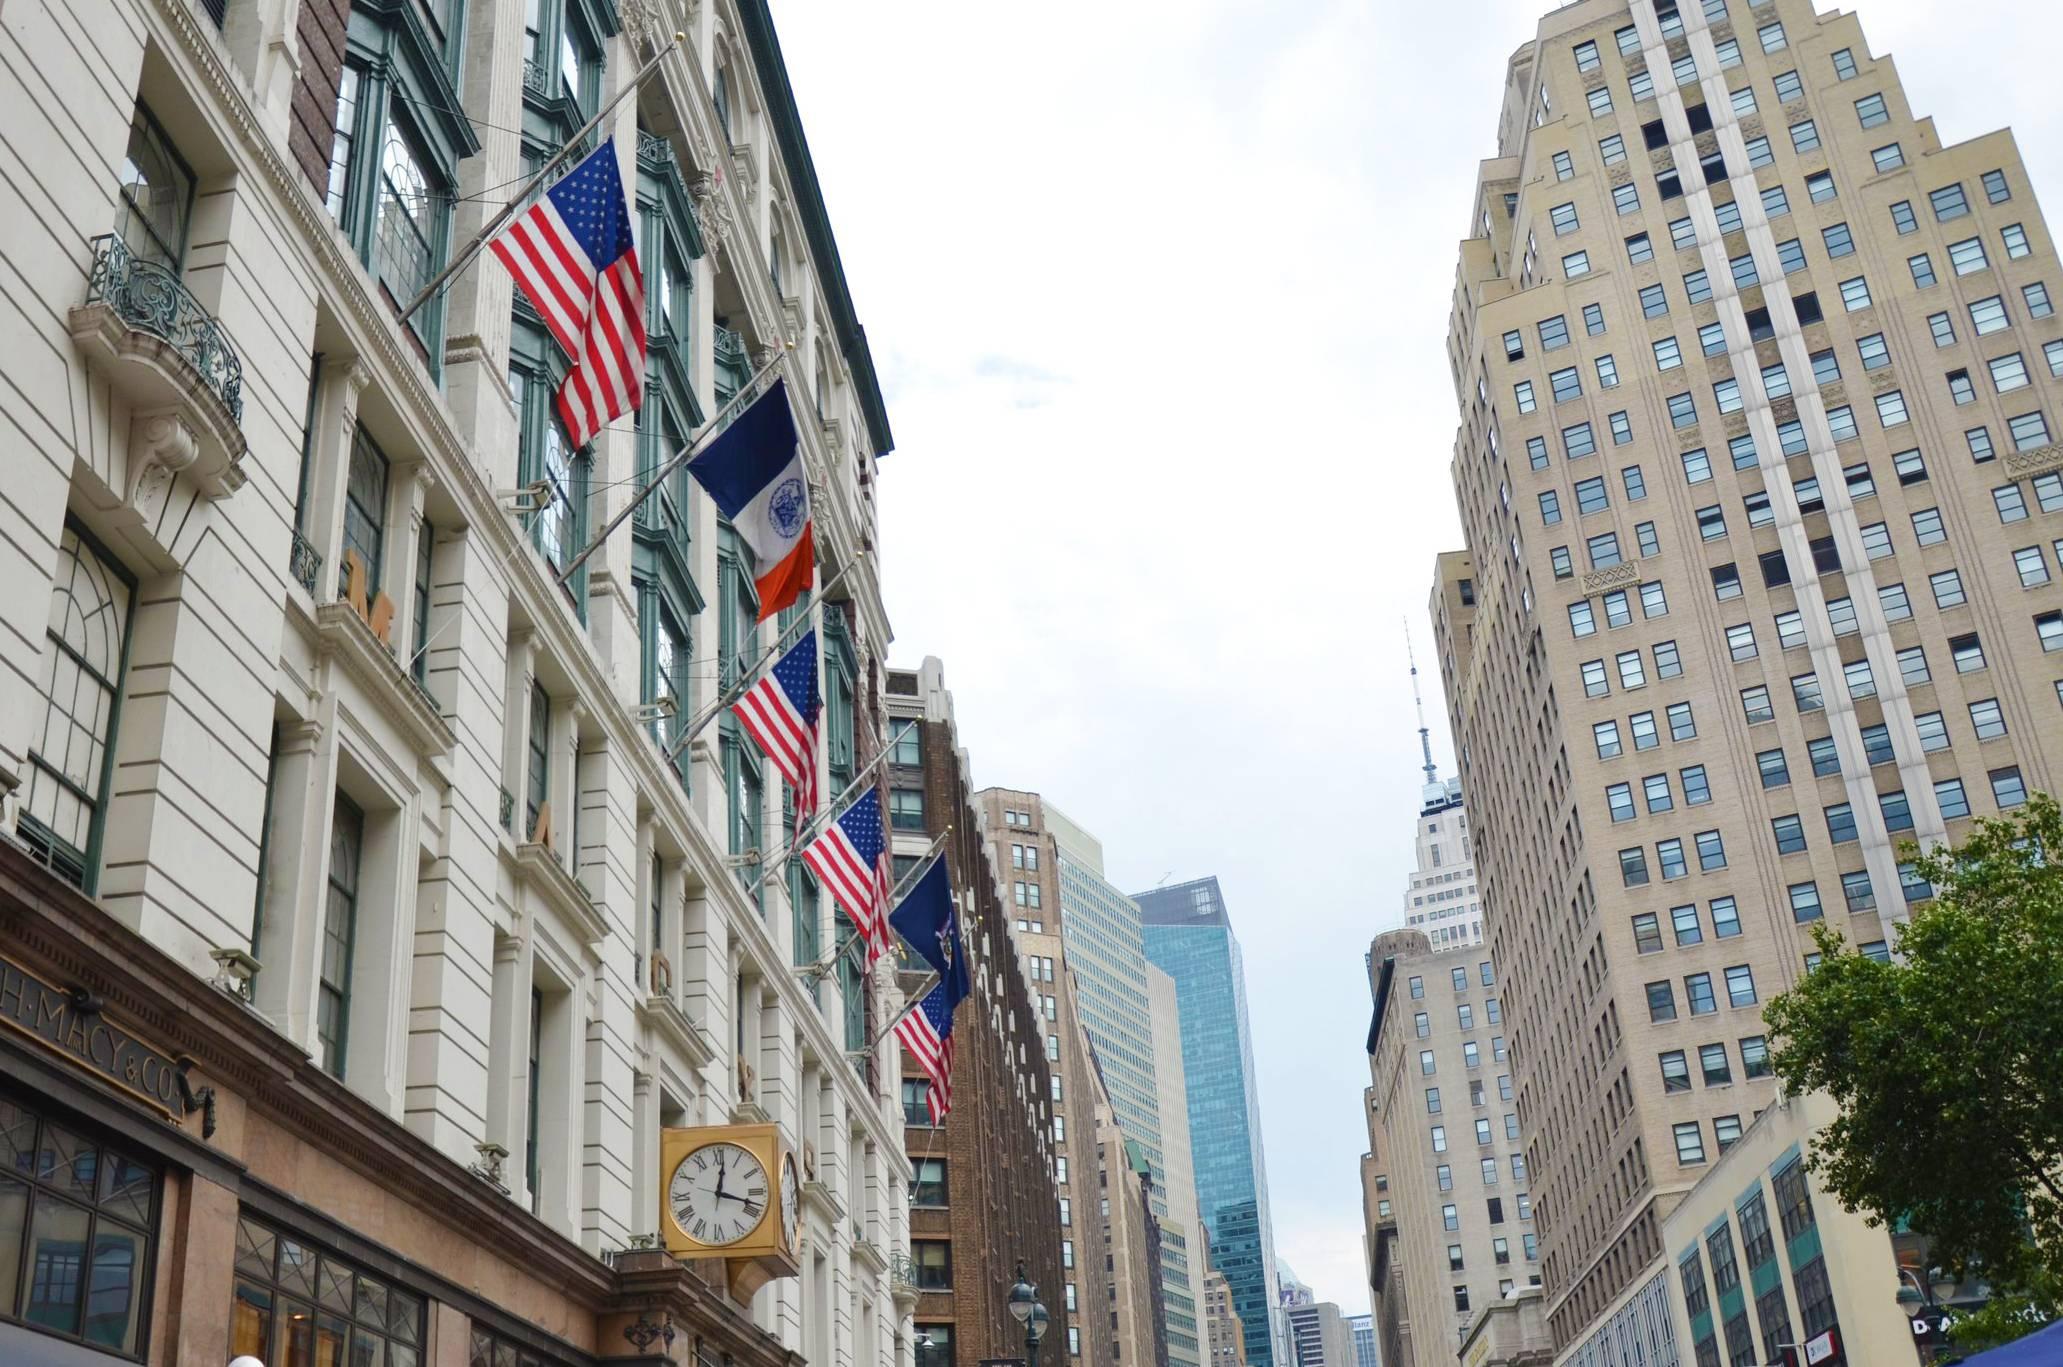 Получение визы для бизнес-иммиграции в сша: как открыть фирму, компанию в америке из россии иностранцу